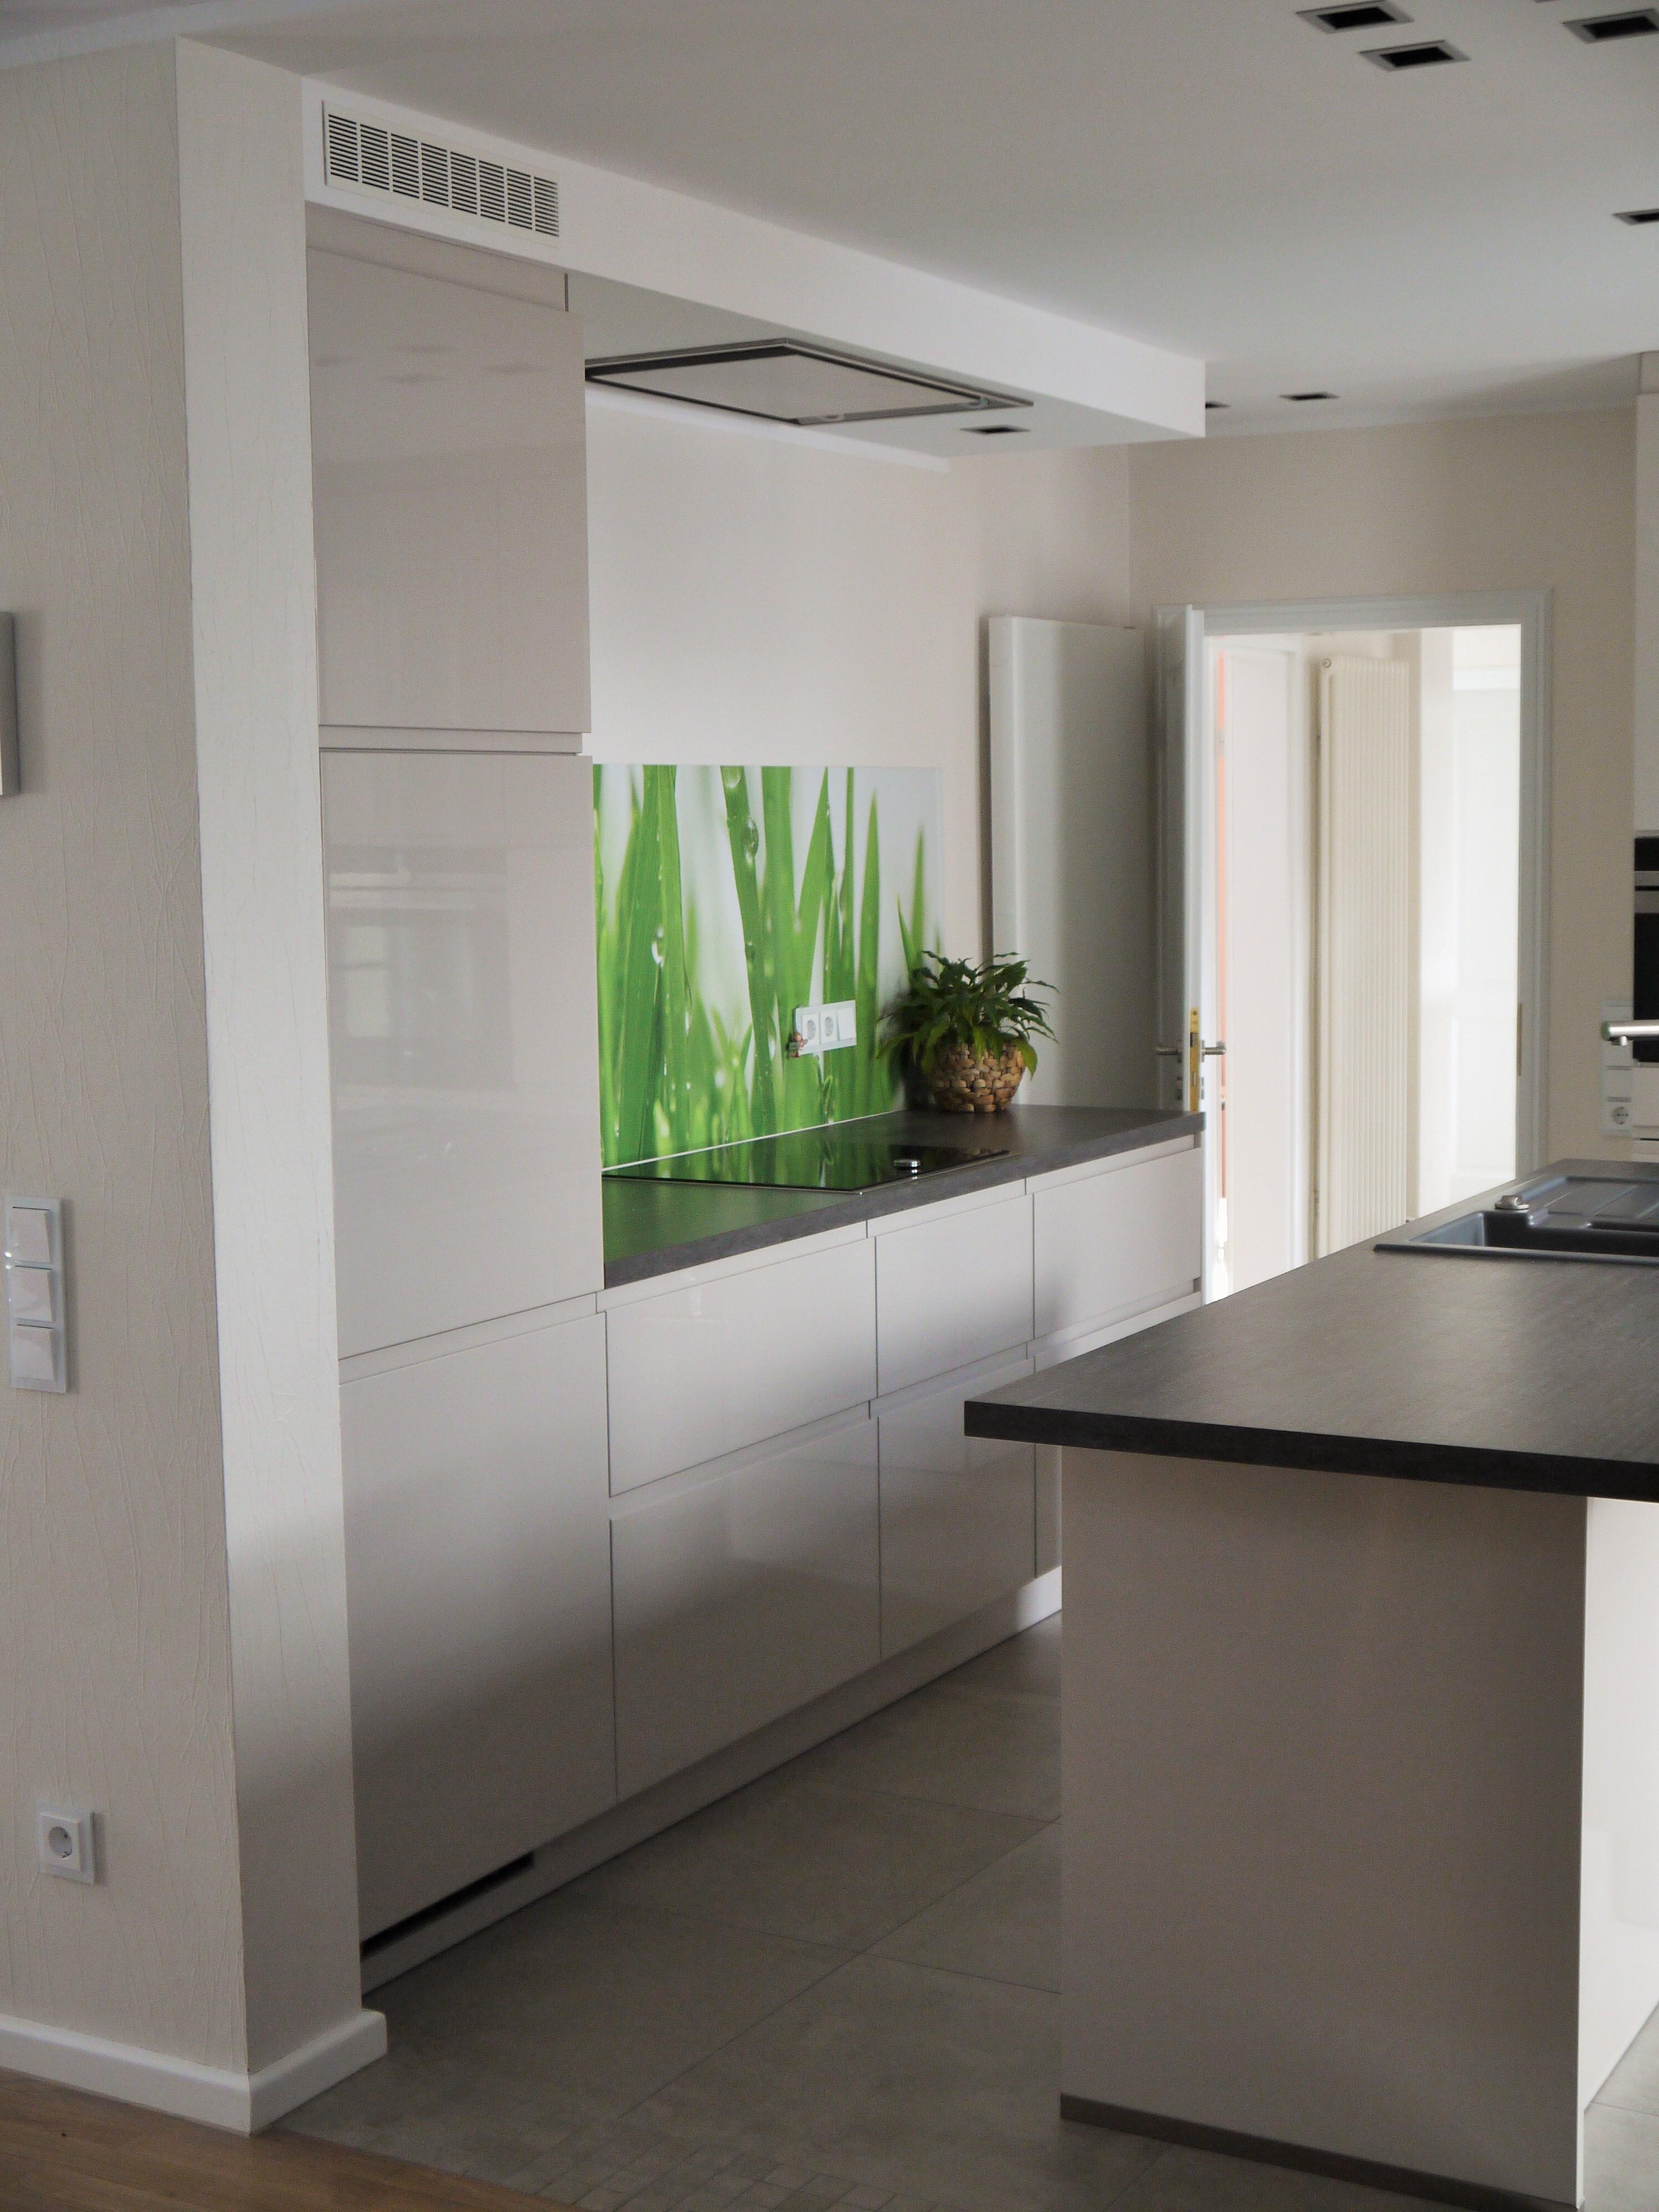 Küchenrückwand • Bilder & Ideen • COUCHstyle | {Rückwände für küchen 21}